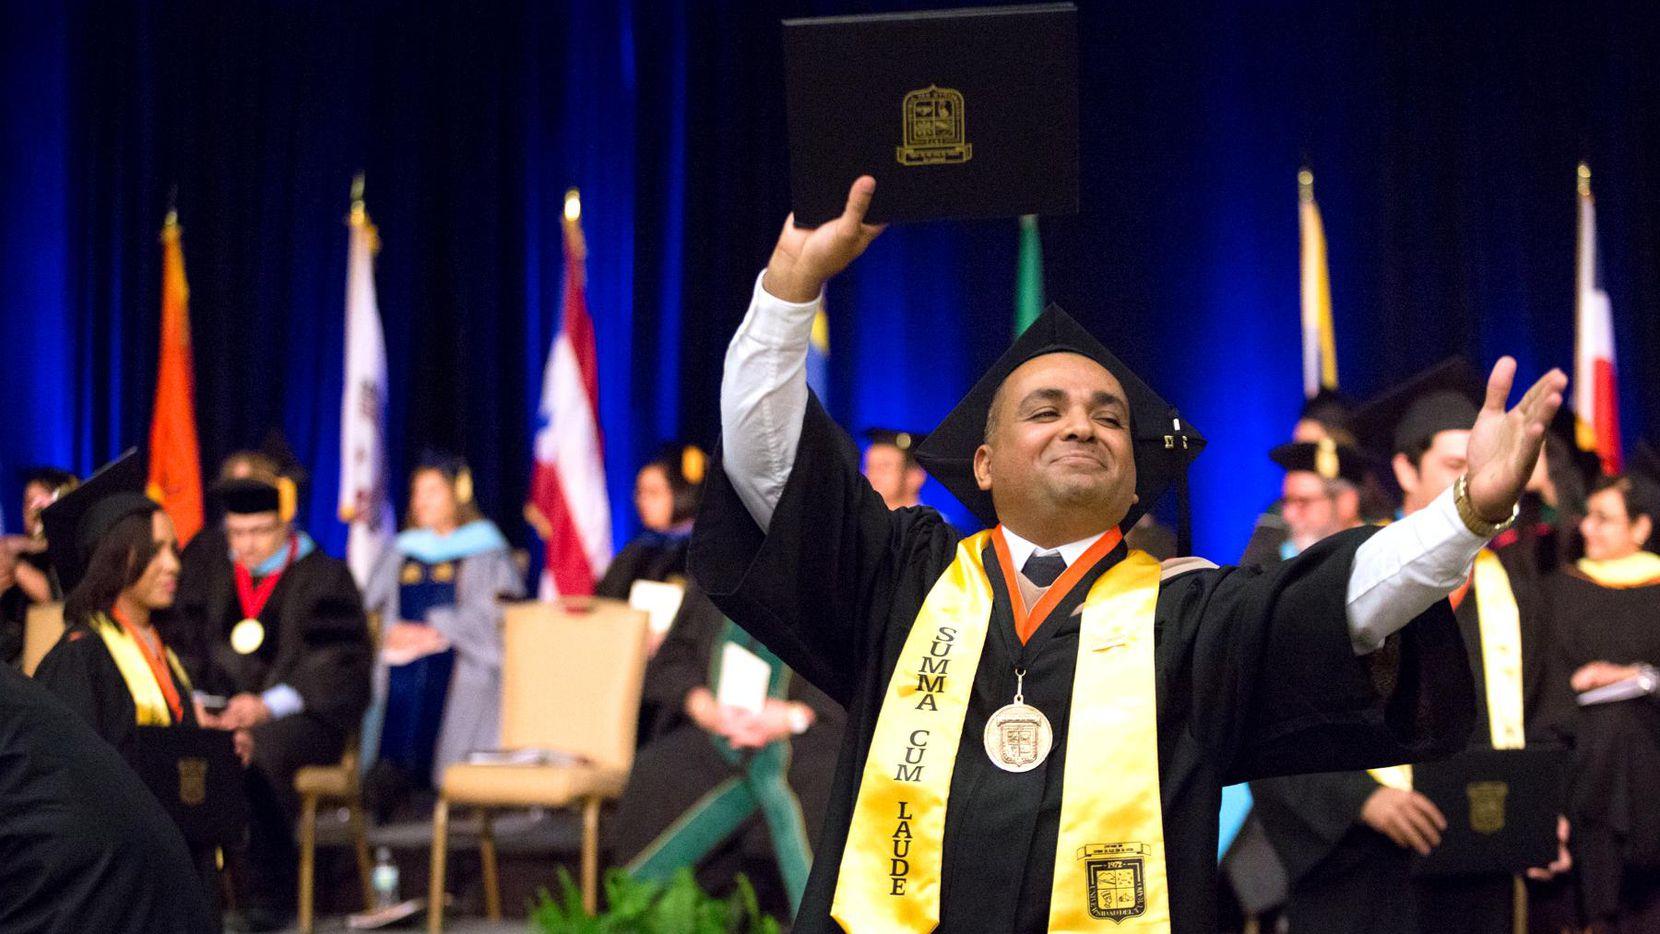 Rubén Estrada, de 43 años, se graduó en contabilidad y con las mayores honores, de la primera generación del colegio Ana G. Méndez.  –MARÍA OLIVAS/ESPECIAL PARA AL DIA